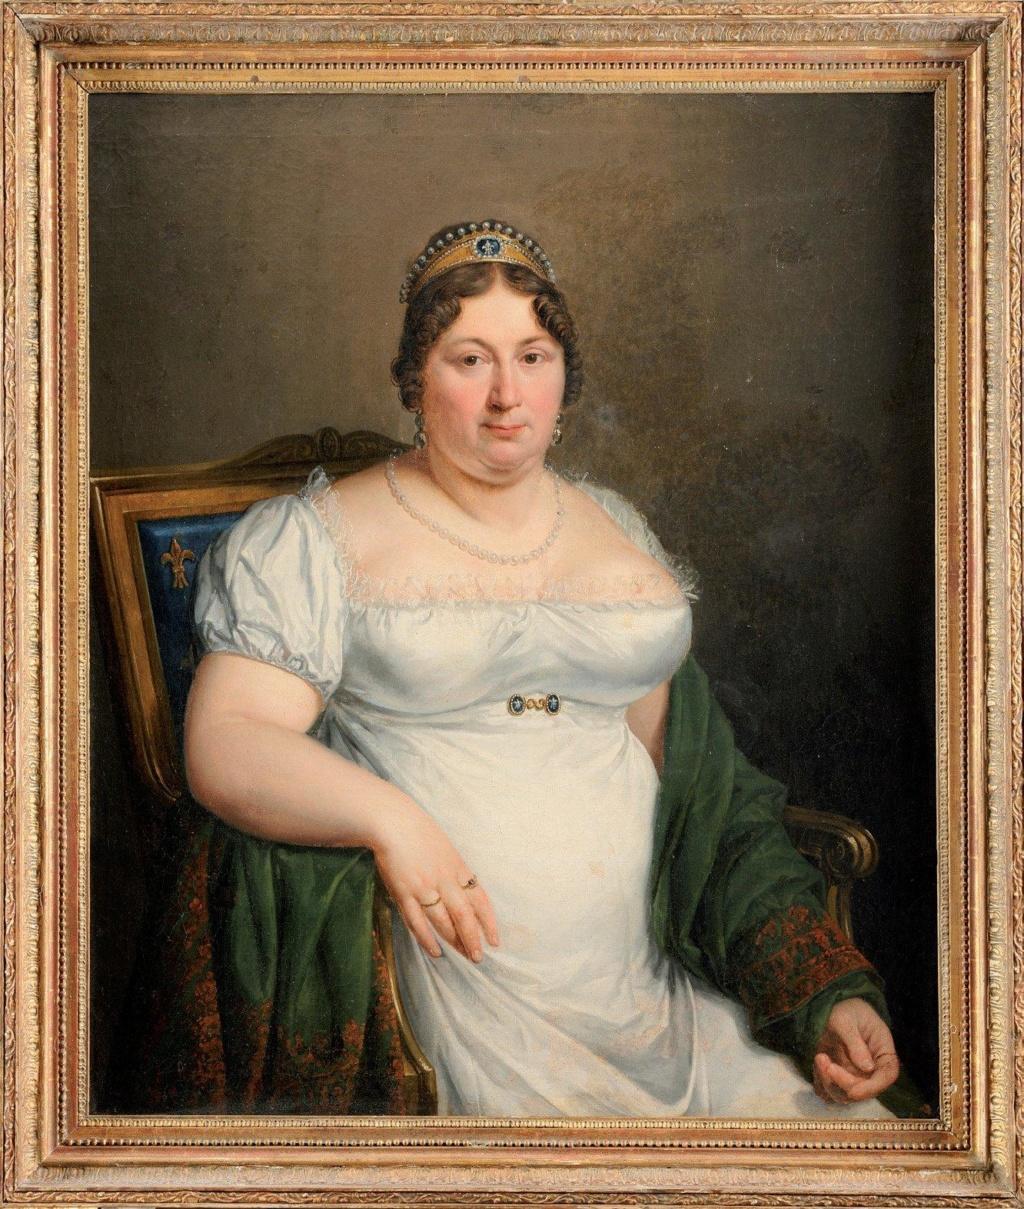 La comtesse de Provence et sa favorite, Catherine de Gourbillon : une liaison amoureuse Comtes42